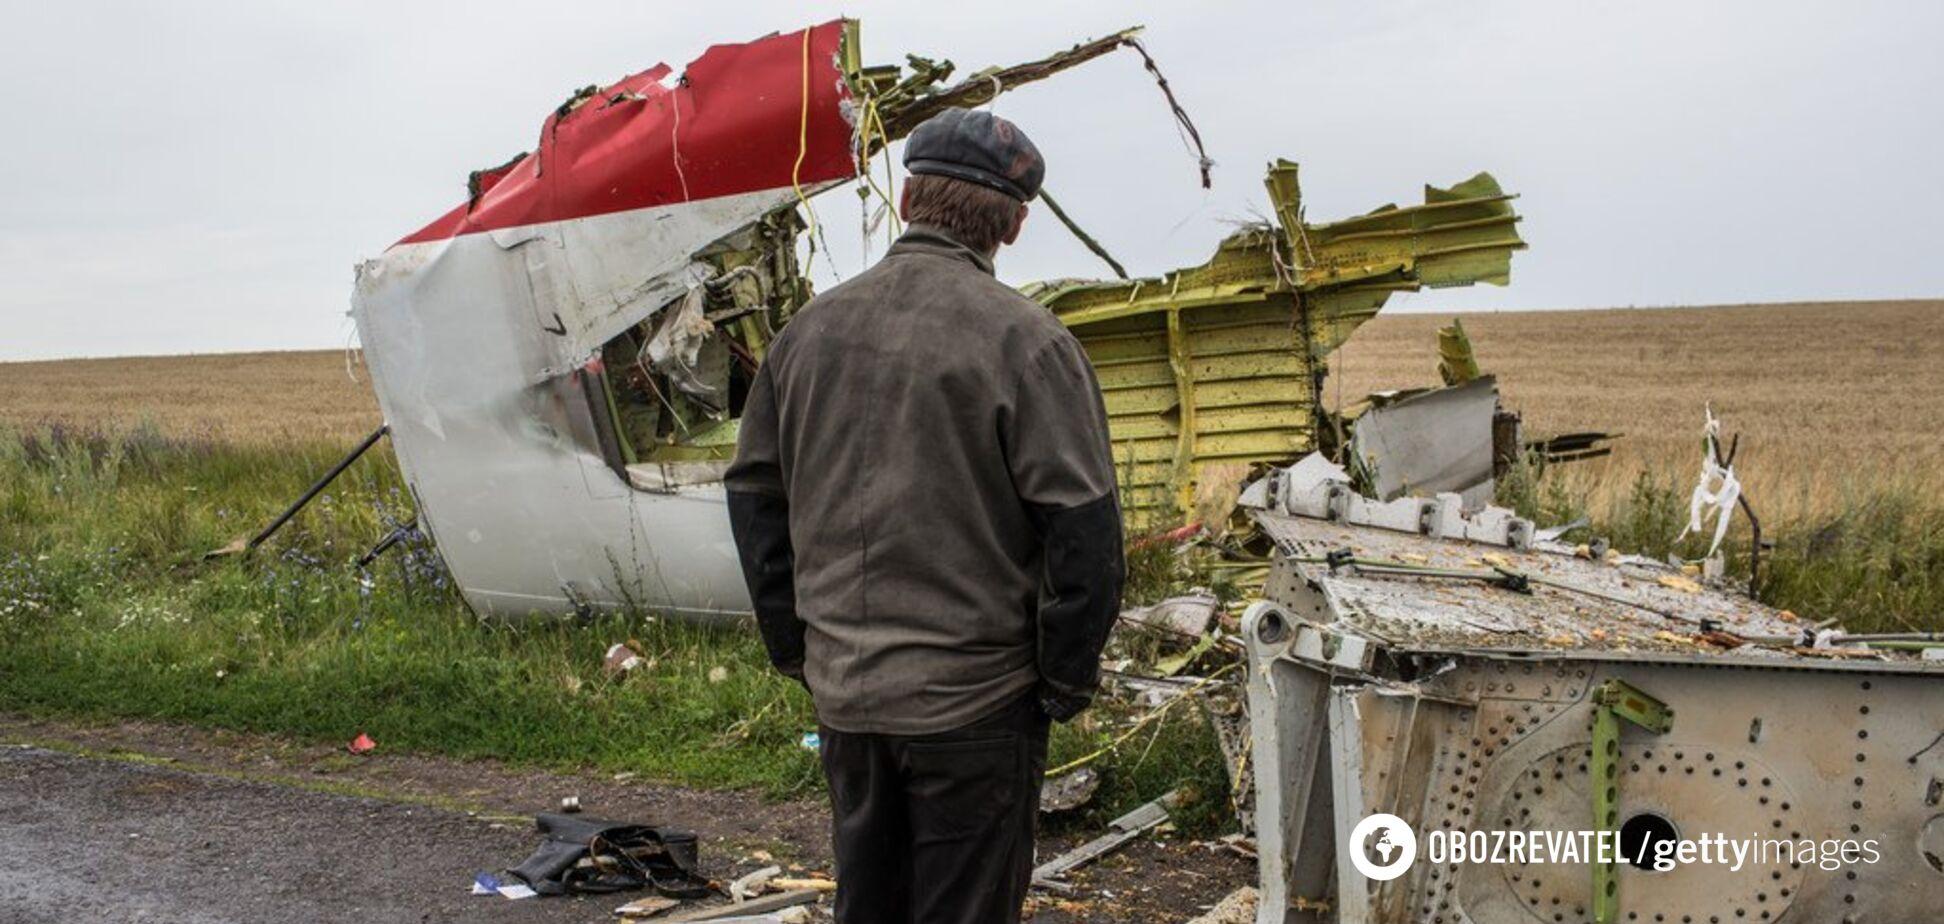 Наказували люди Путіна: названі імена причетних до катастрофи МН17 на Донбасі